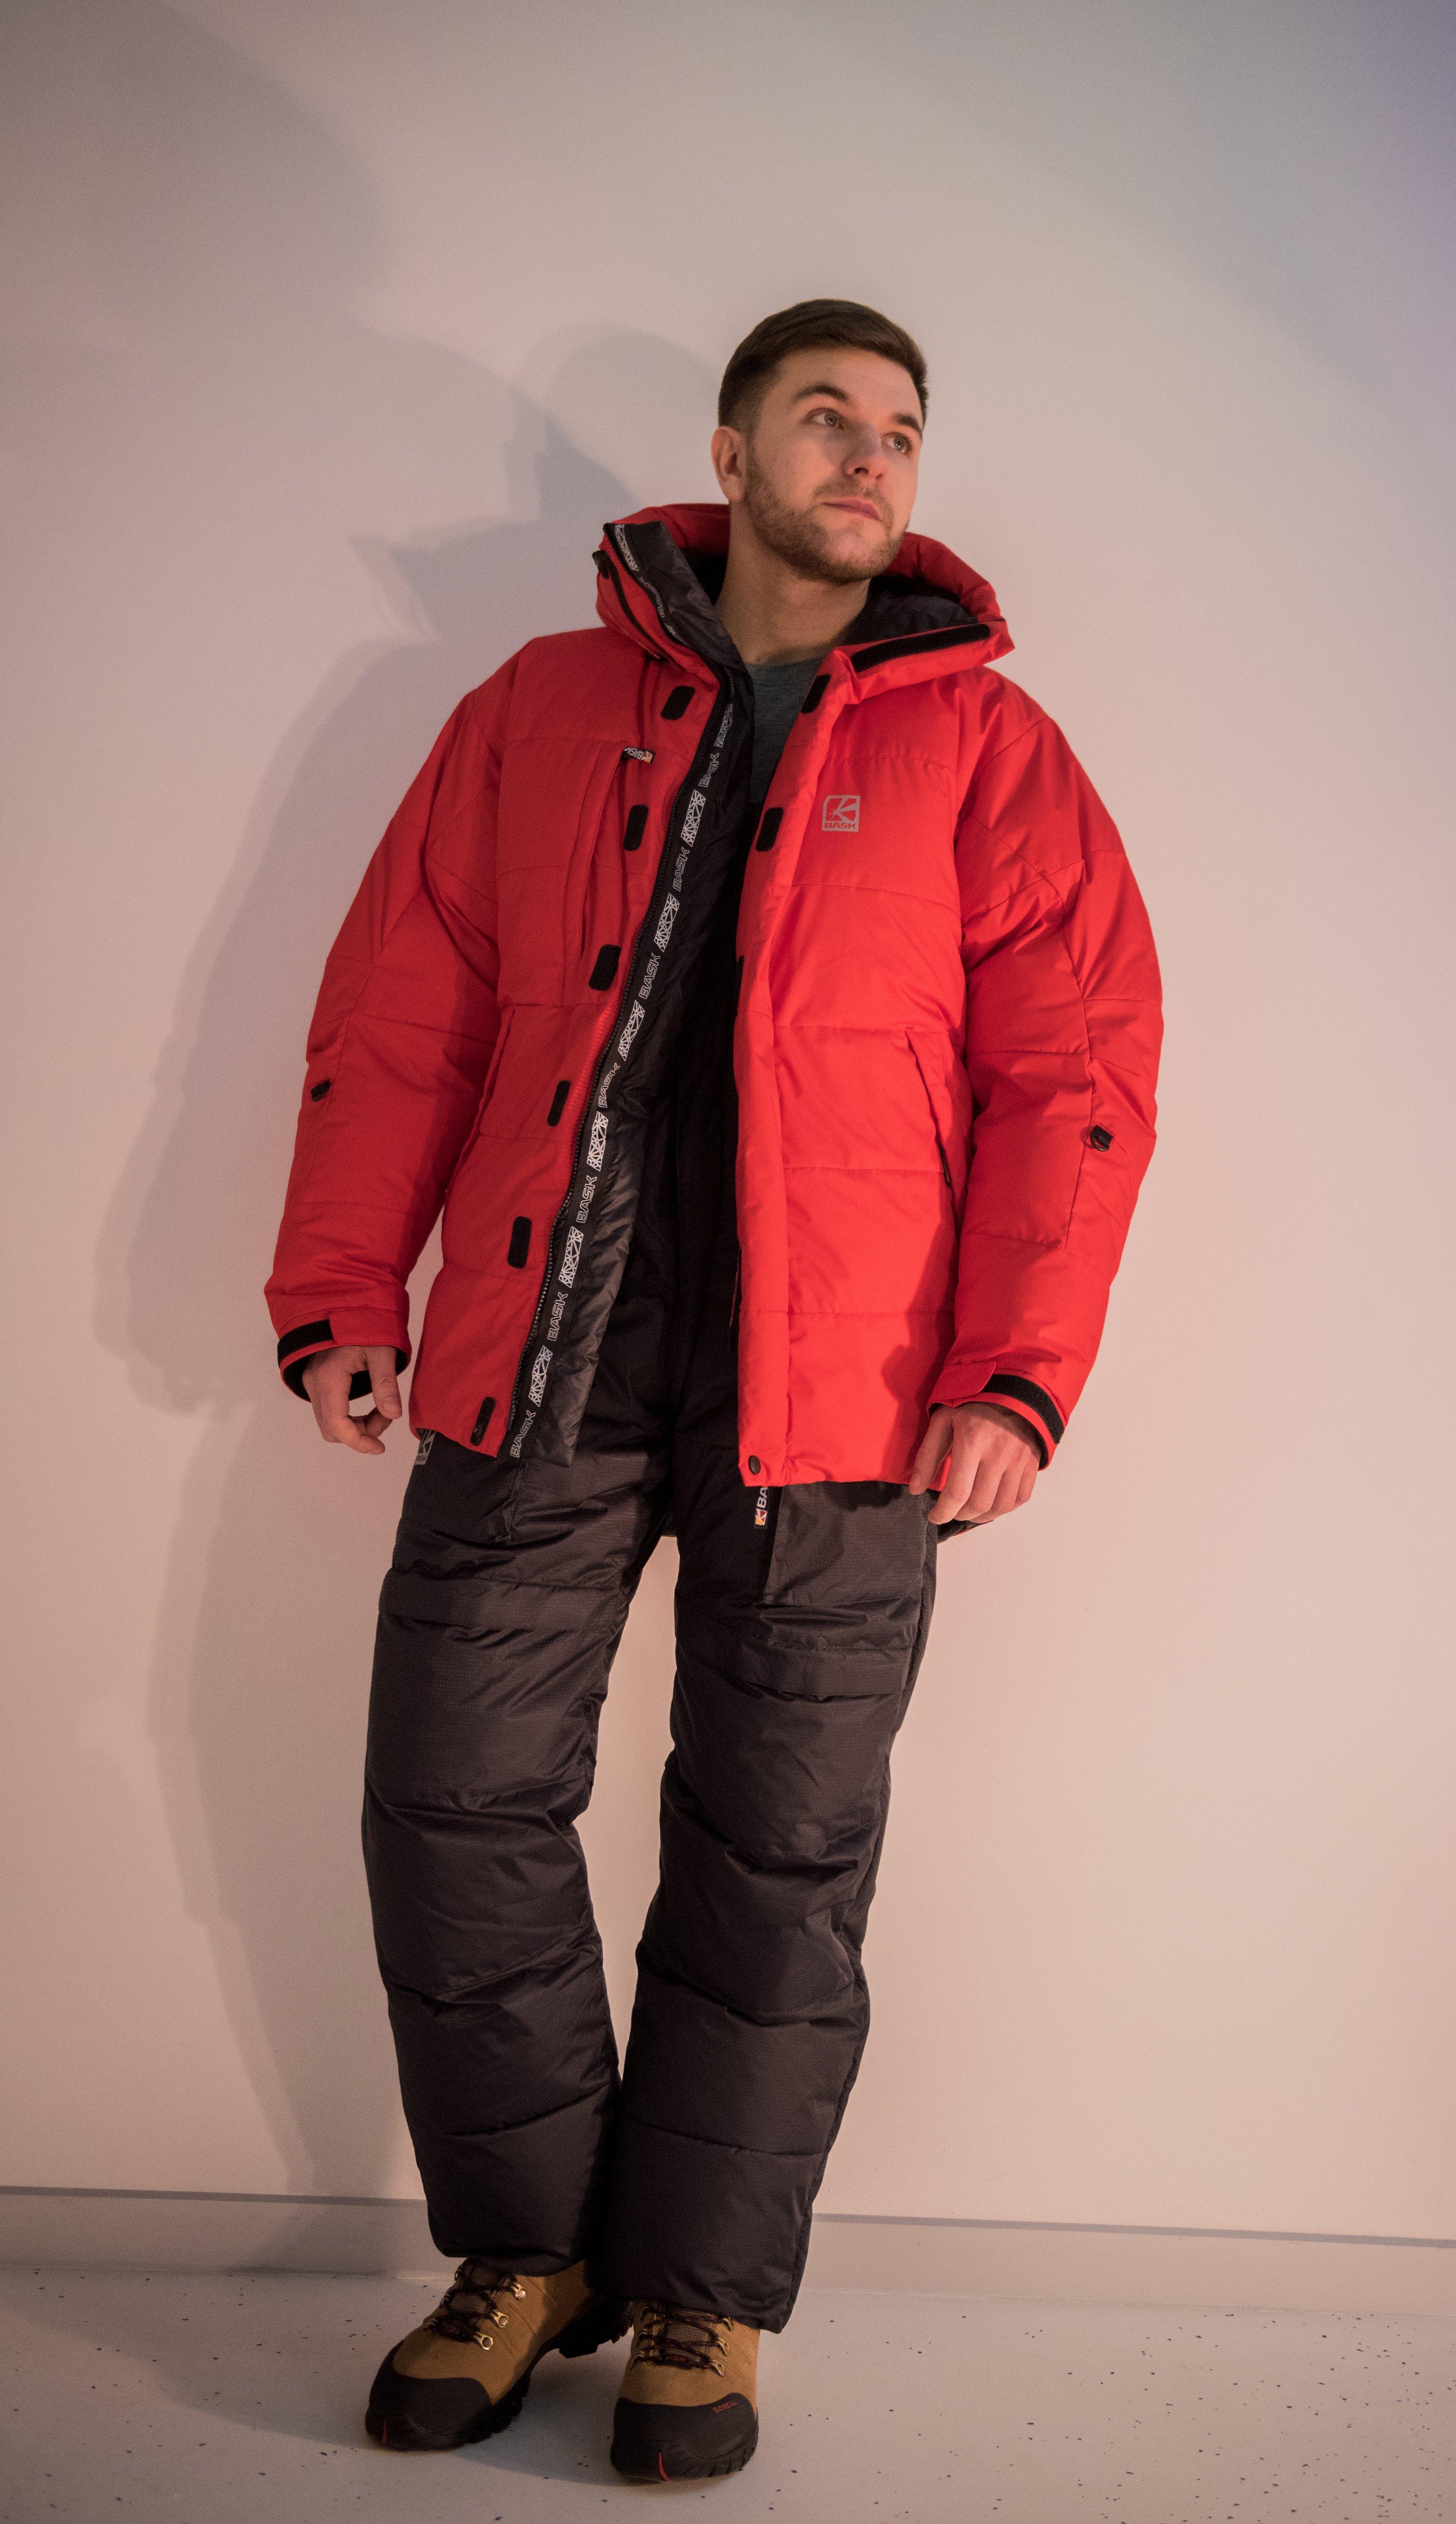 Пуховая куртка БАСК EVEREST V2 3805AКуртки<br><br><br>&quot;Дышащие&quot; свойства: Да<br>Верхняя ткань: Gelanots® GHB<br>Вес граммы: 800<br>Вес утеплителя: 390<br>Ветро-влагозащитные свойства верхней ткани: Да<br>Ветрозащитная планка: Да<br>Ветрозащитная юбка: Нет<br>Влагозащитные молнии: Нет<br>Внутренние манжеты: Нет<br>Внутренняя ткань: Advance® Classic<br>Водонепроницаемость: 1000<br>Дублирующий центральную молнию клапан: Да<br>Защитный козырёк капюшона: Нет<br>Капюшон: Несъемный<br>Карман для средств связи: Нет<br>Количество внешних карманов: 3<br>Количество внутренних карманов: 2<br>Коллекция: Alpine Expert DOWN<br>Мембрана: Advance MPC<br>Объемный крой локтевой зоны: Да<br>Отстёгивающиеся рукава: Нет<br>Паропроницаемость: 7000<br>Показатель Fill Power (для пуховых изделий): 850<br>Пол: Мужской<br>Проклейка швов: Нет<br>Регулировка манжетов рукавов: Да<br>Регулировка низа: Да<br>Регулировка объёма капюшона: Да<br>Регулировка талии: Да<br>Регулируемые вентиляционные отверстия: Нет<br>Световозвращающая лента: Нет<br>Температурный режим: -25<br>Технология Thermal Welding: Нет<br>Технология швов: Теплые и закрытые<br>Тип молнии: Двухзамковая<br>Тип утеплителя: Натуральный<br>Ткань усиления: Нет<br>Усиление контактных зон: Нет<br>Утеплитель: Гусиный пух<br>Размер RU: 48<br>Цвет: СИНИЙ